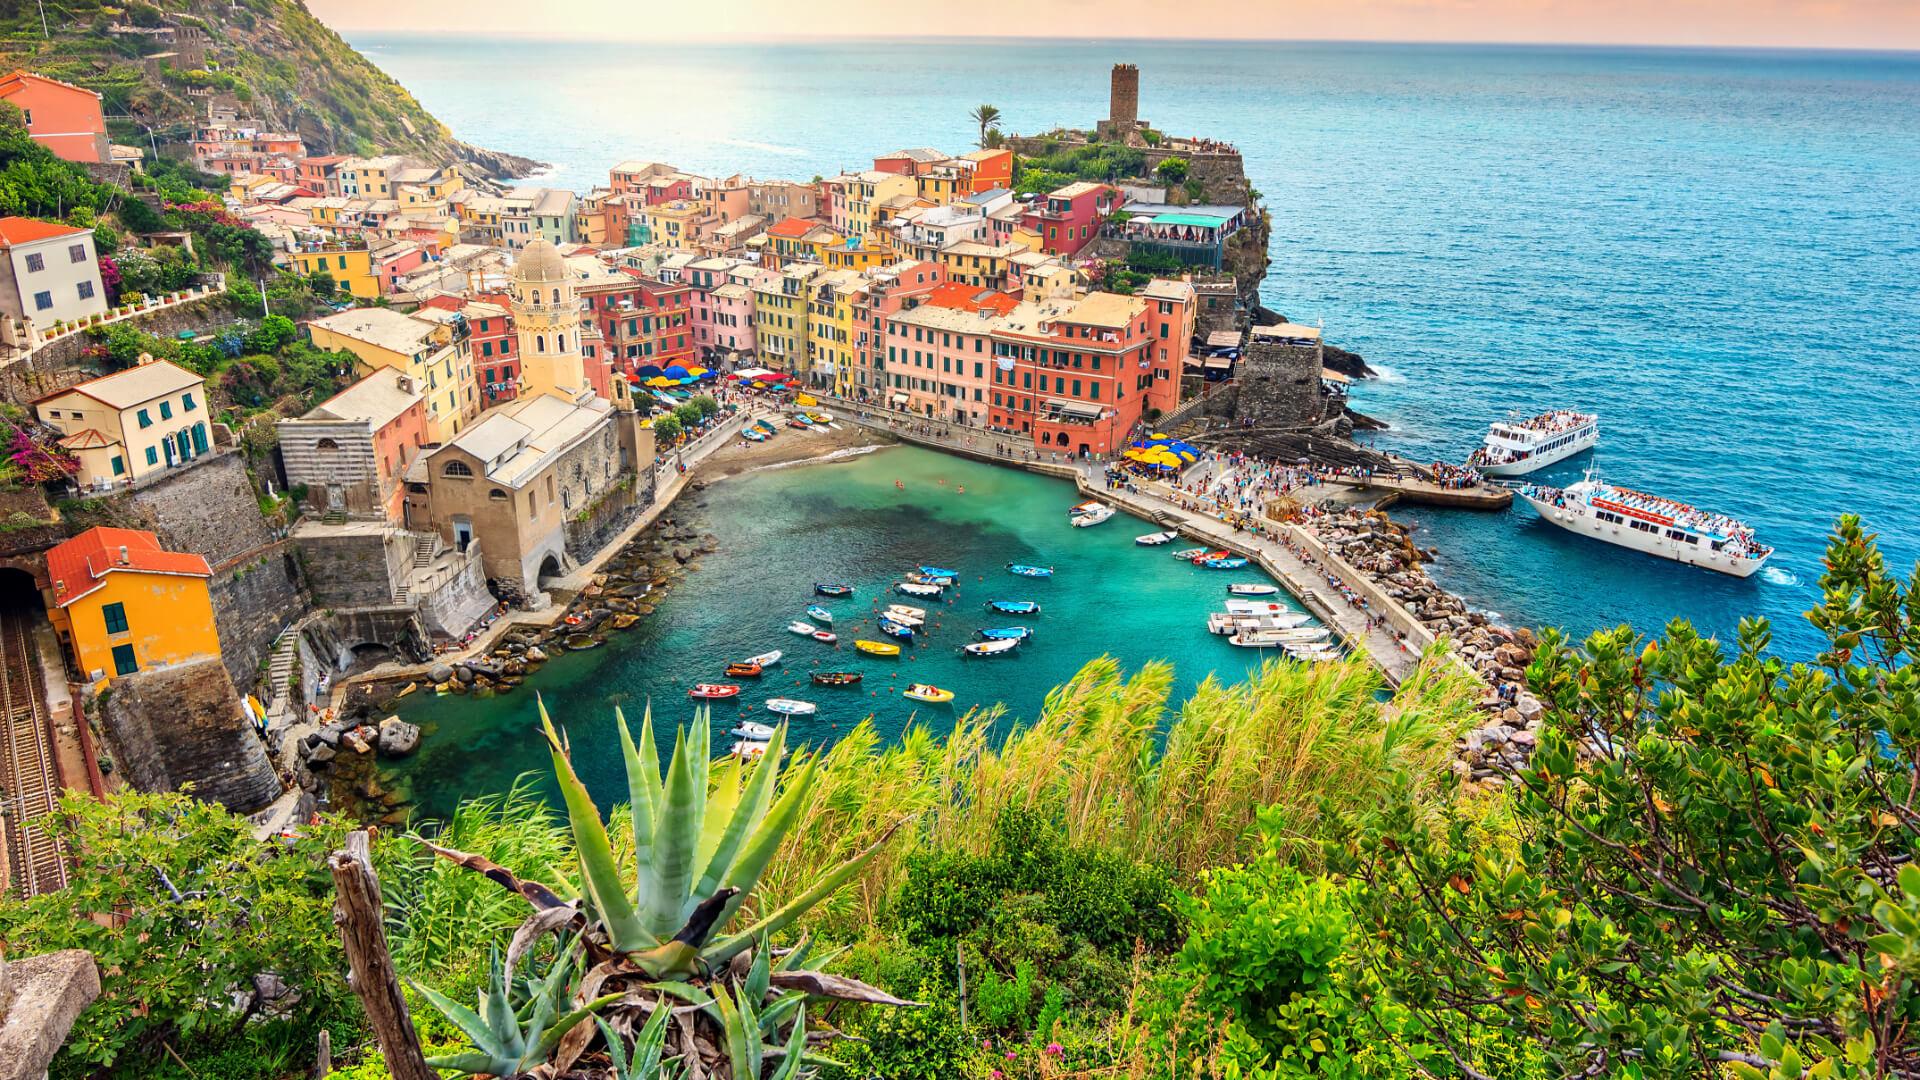 İtalya'nın Masalsı Köyleri: Cinque Terre'ye Yolculuk